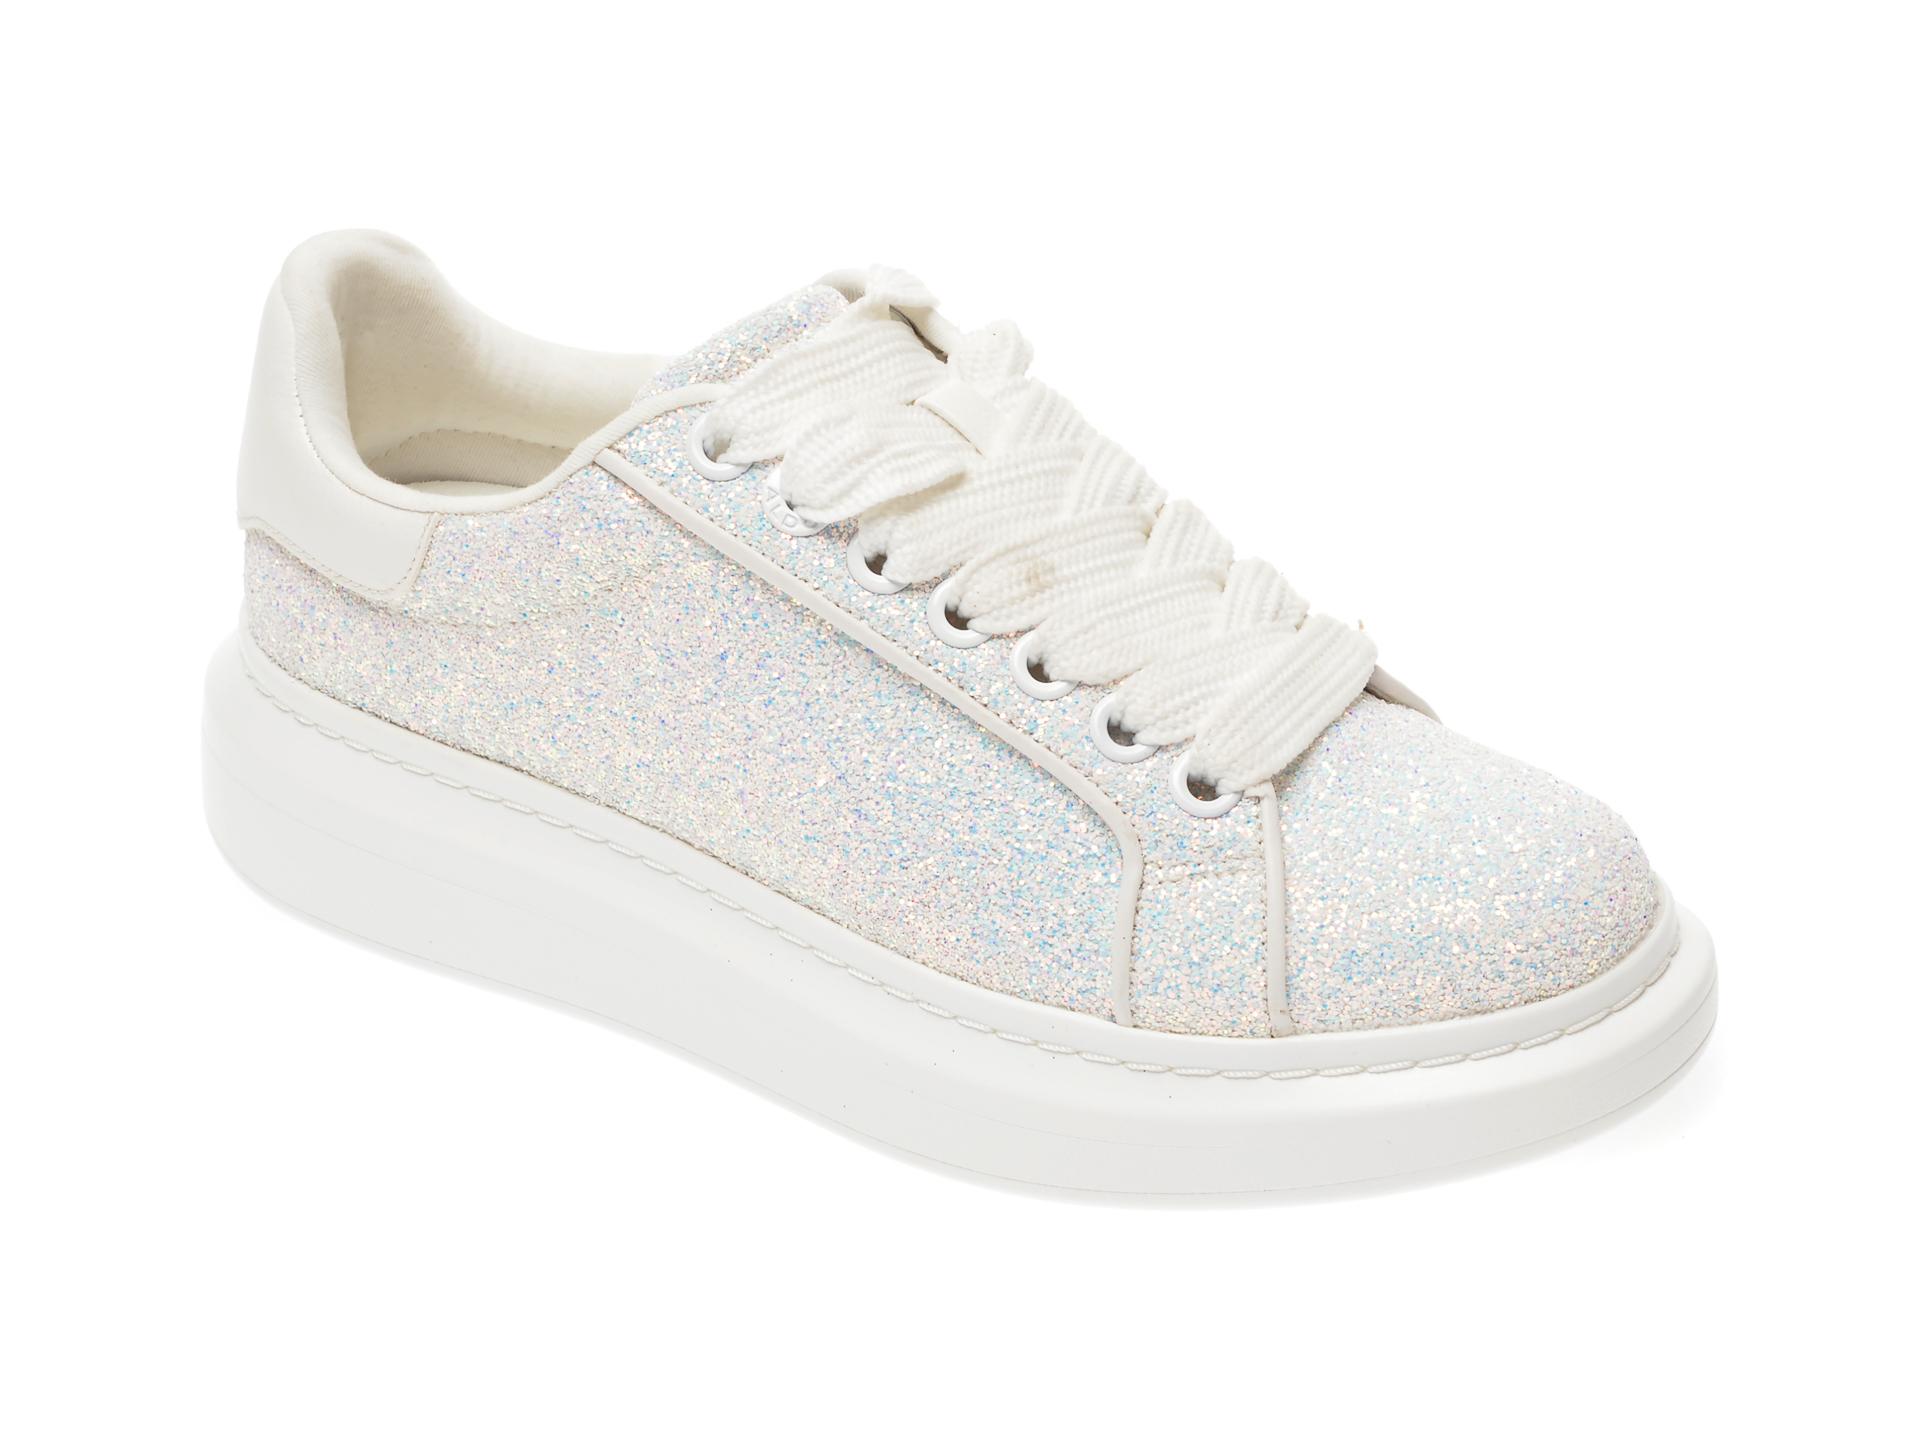 Pantofi sport ALDO argintii, Radiant965, din piele ecologica imagine otter.ro